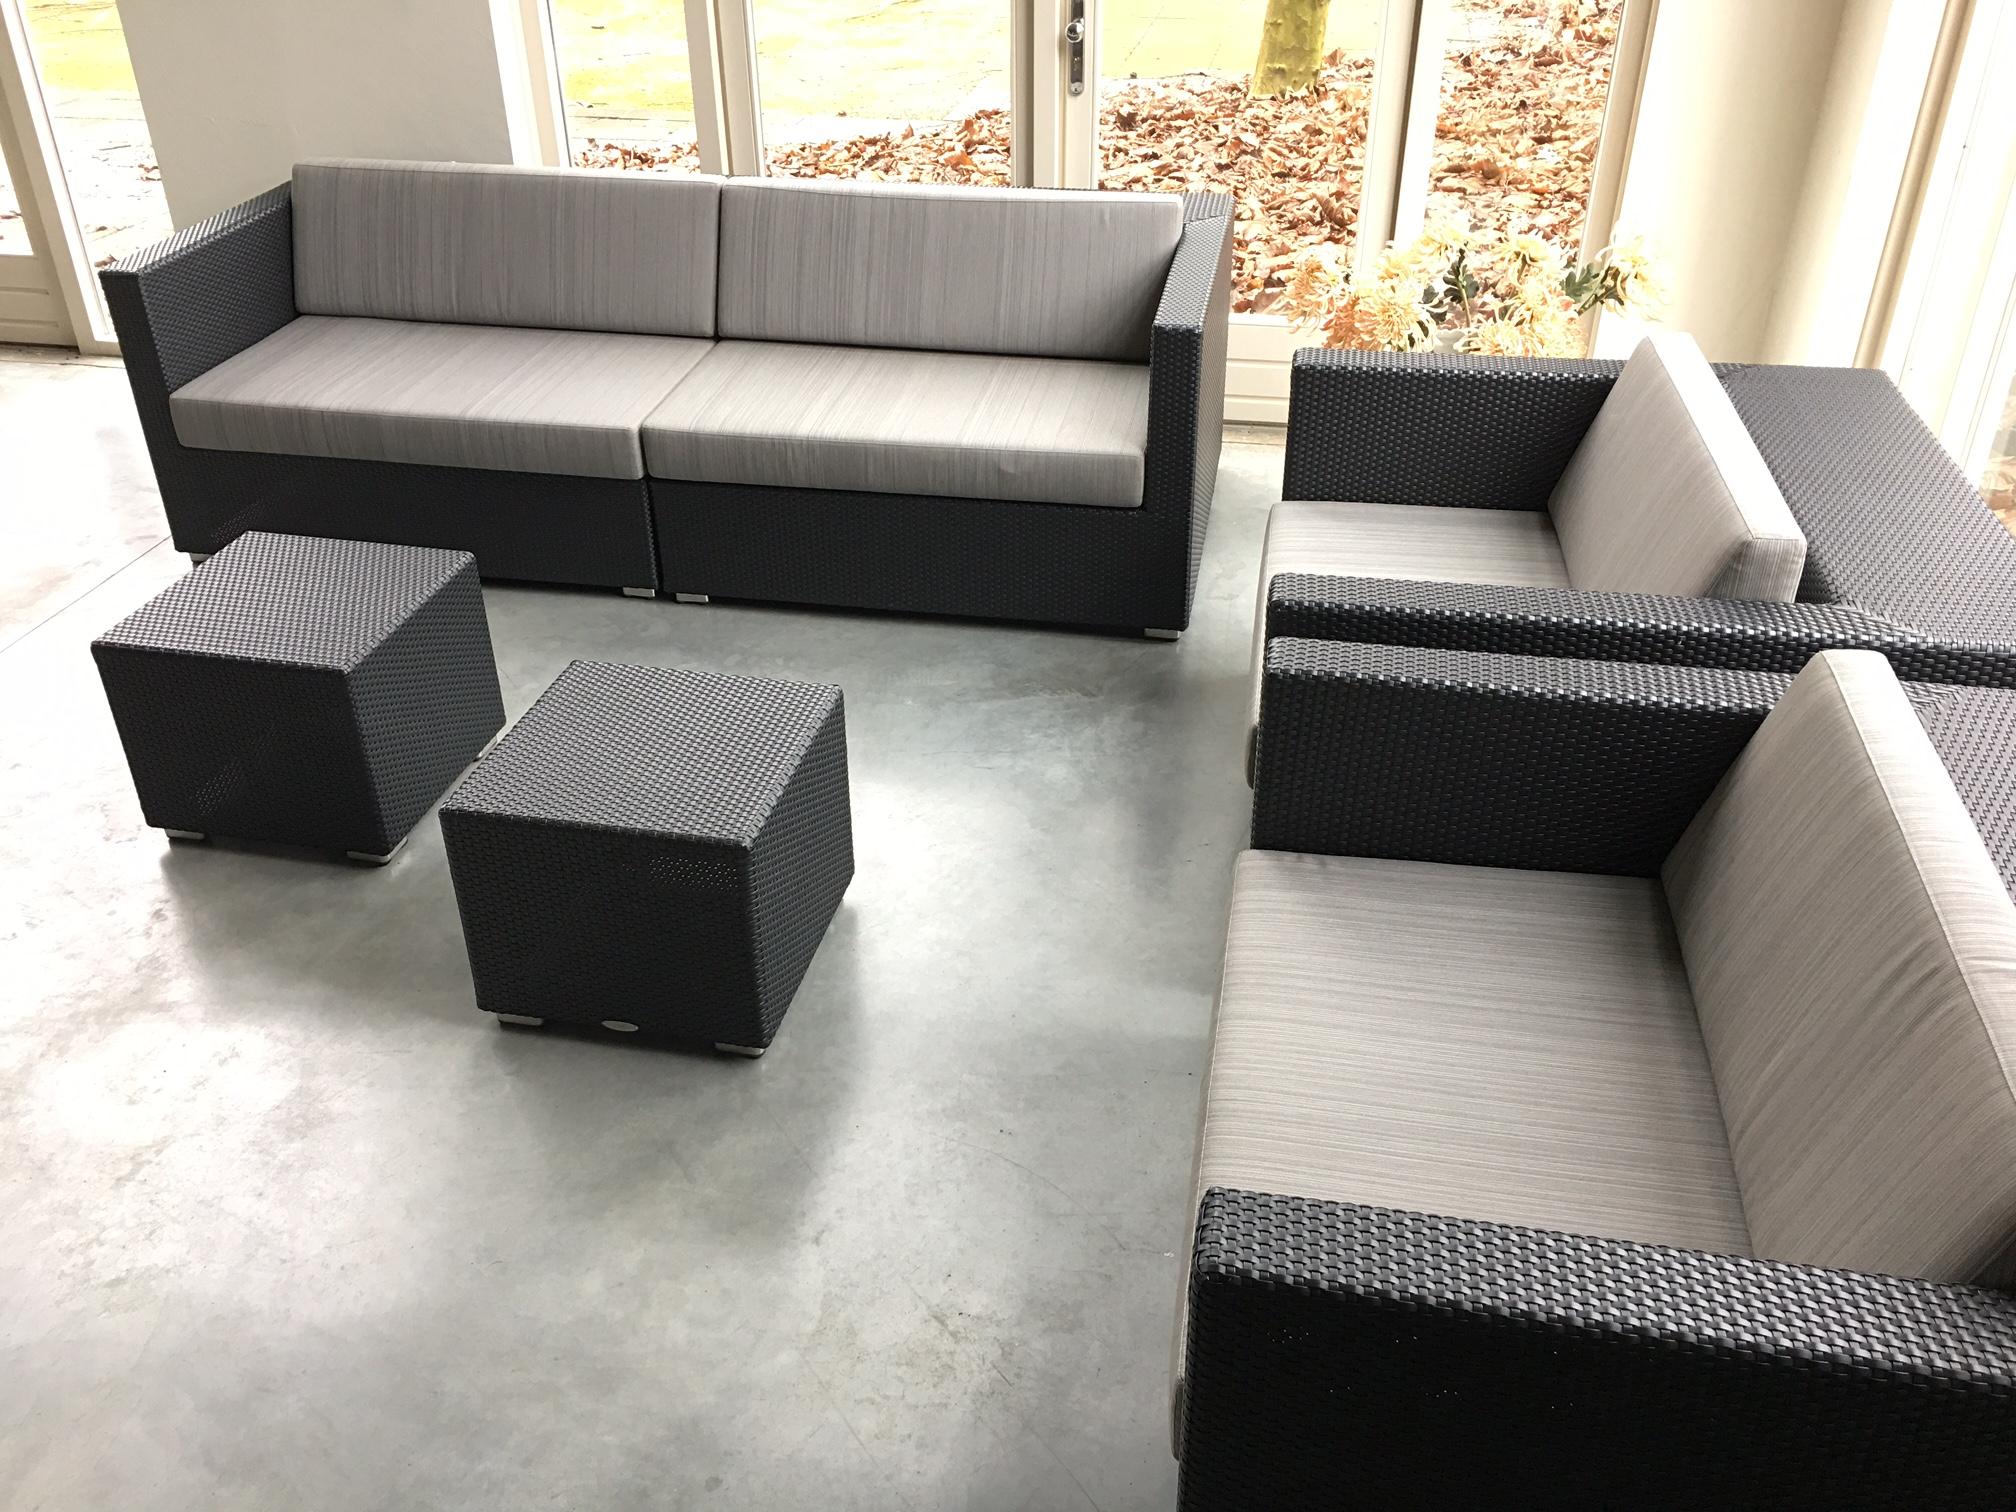 Dedon lounge gebruikt ✓ van valderen exclusieve tuinmeubelen